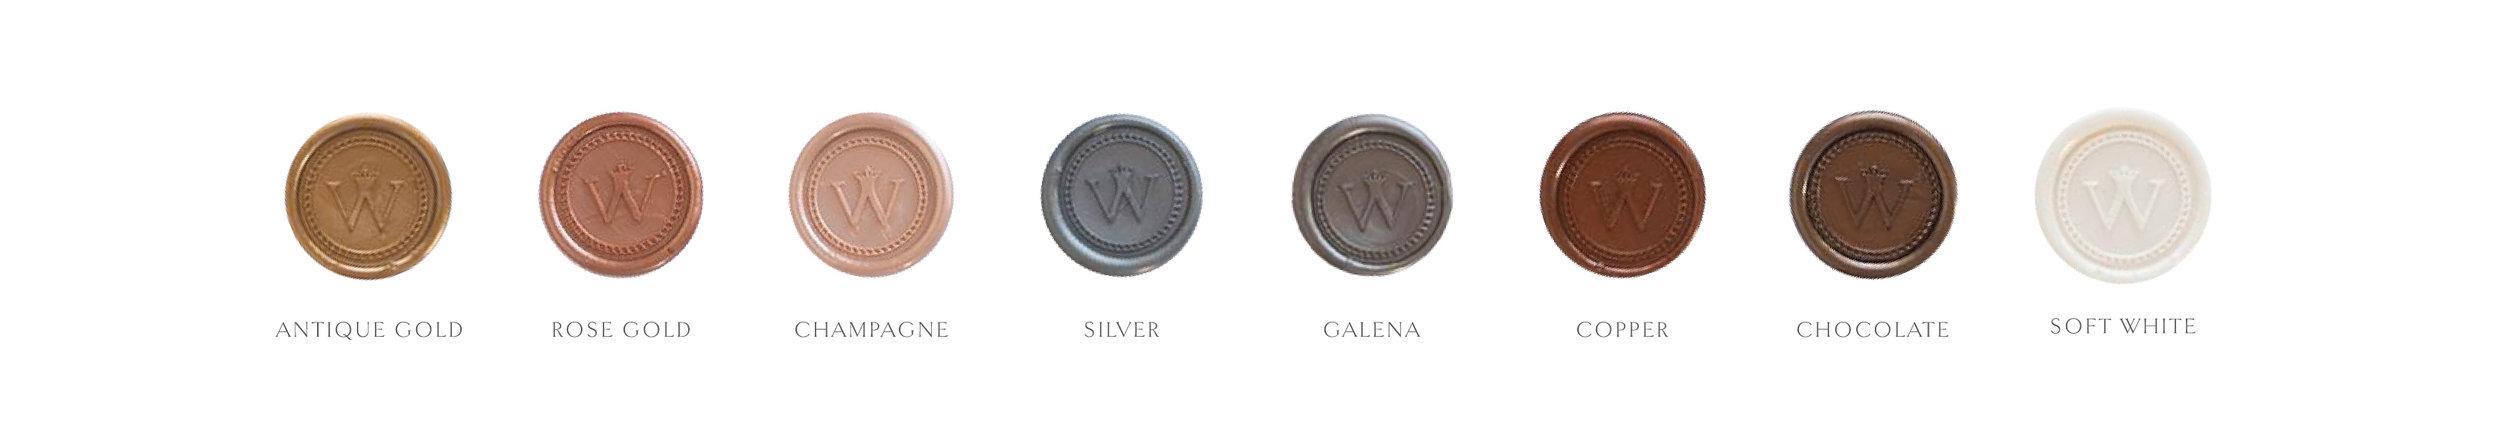 wax seals-08.jpg